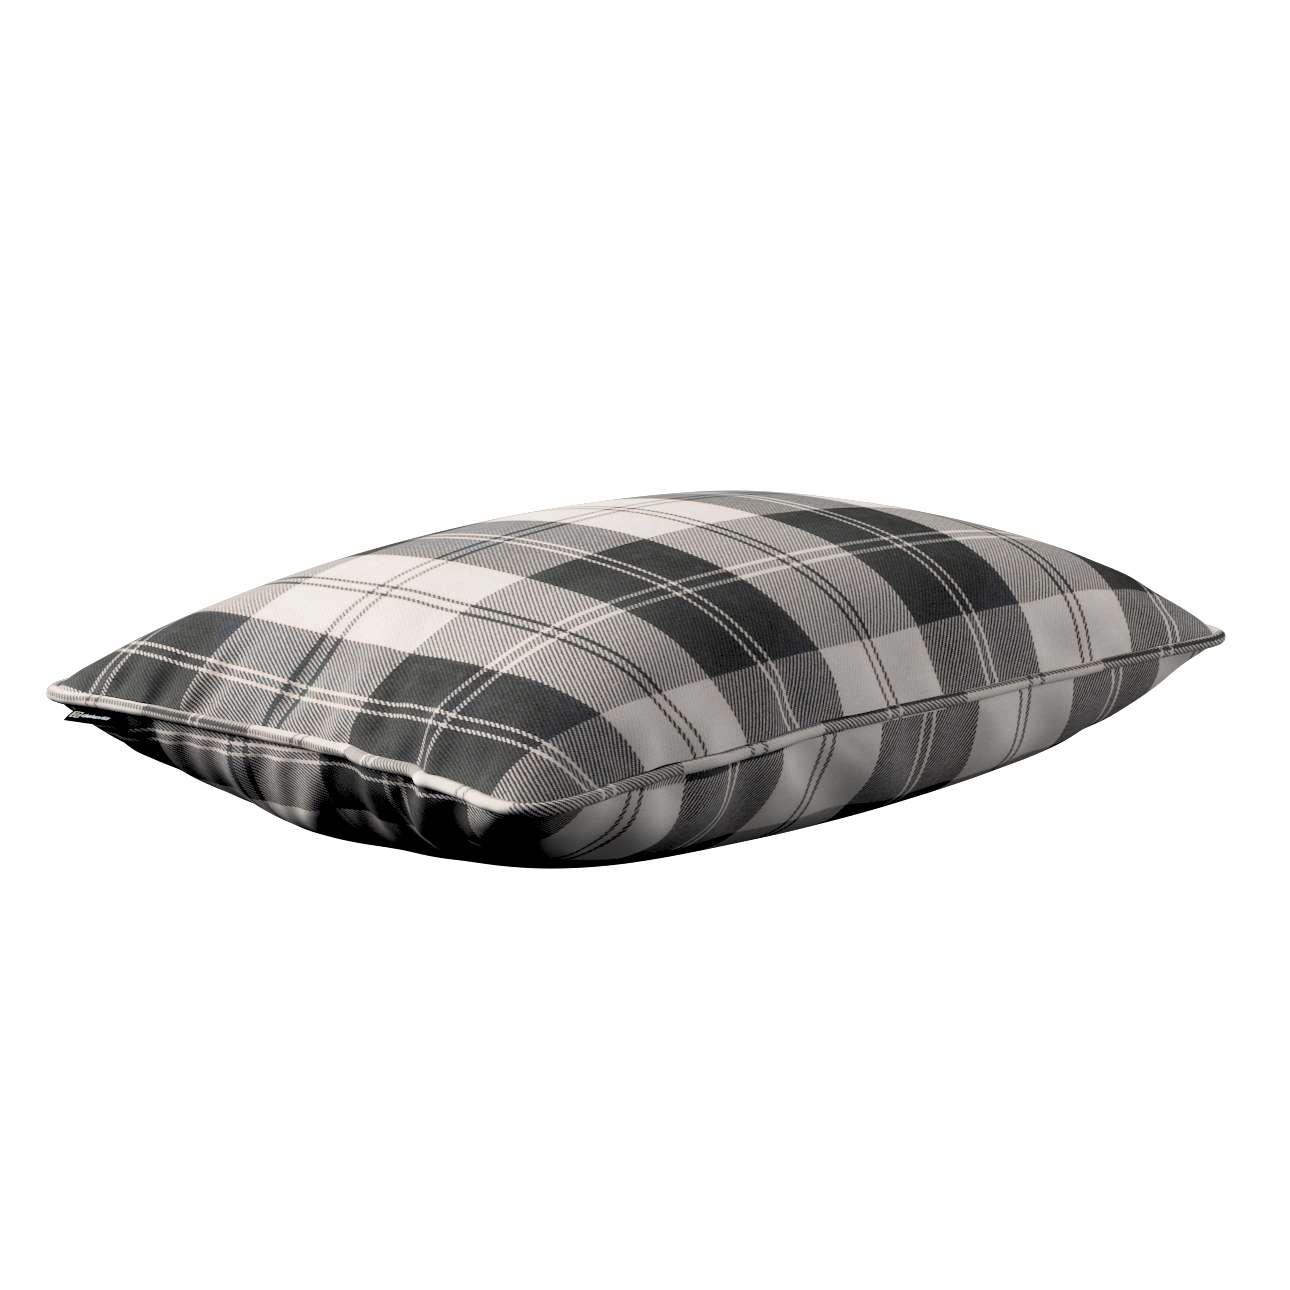 Poszewka Gabi na poduszkę prostokątna 60 x 40 cm w kolekcji Edinburgh, tkanina: 115-74